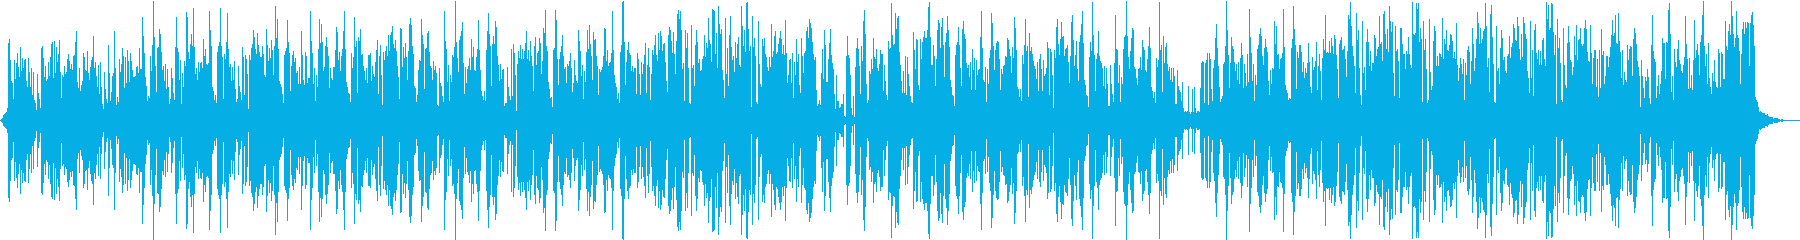 探検・ジャングル・探索中なビート重視の曲の再生済みの波形